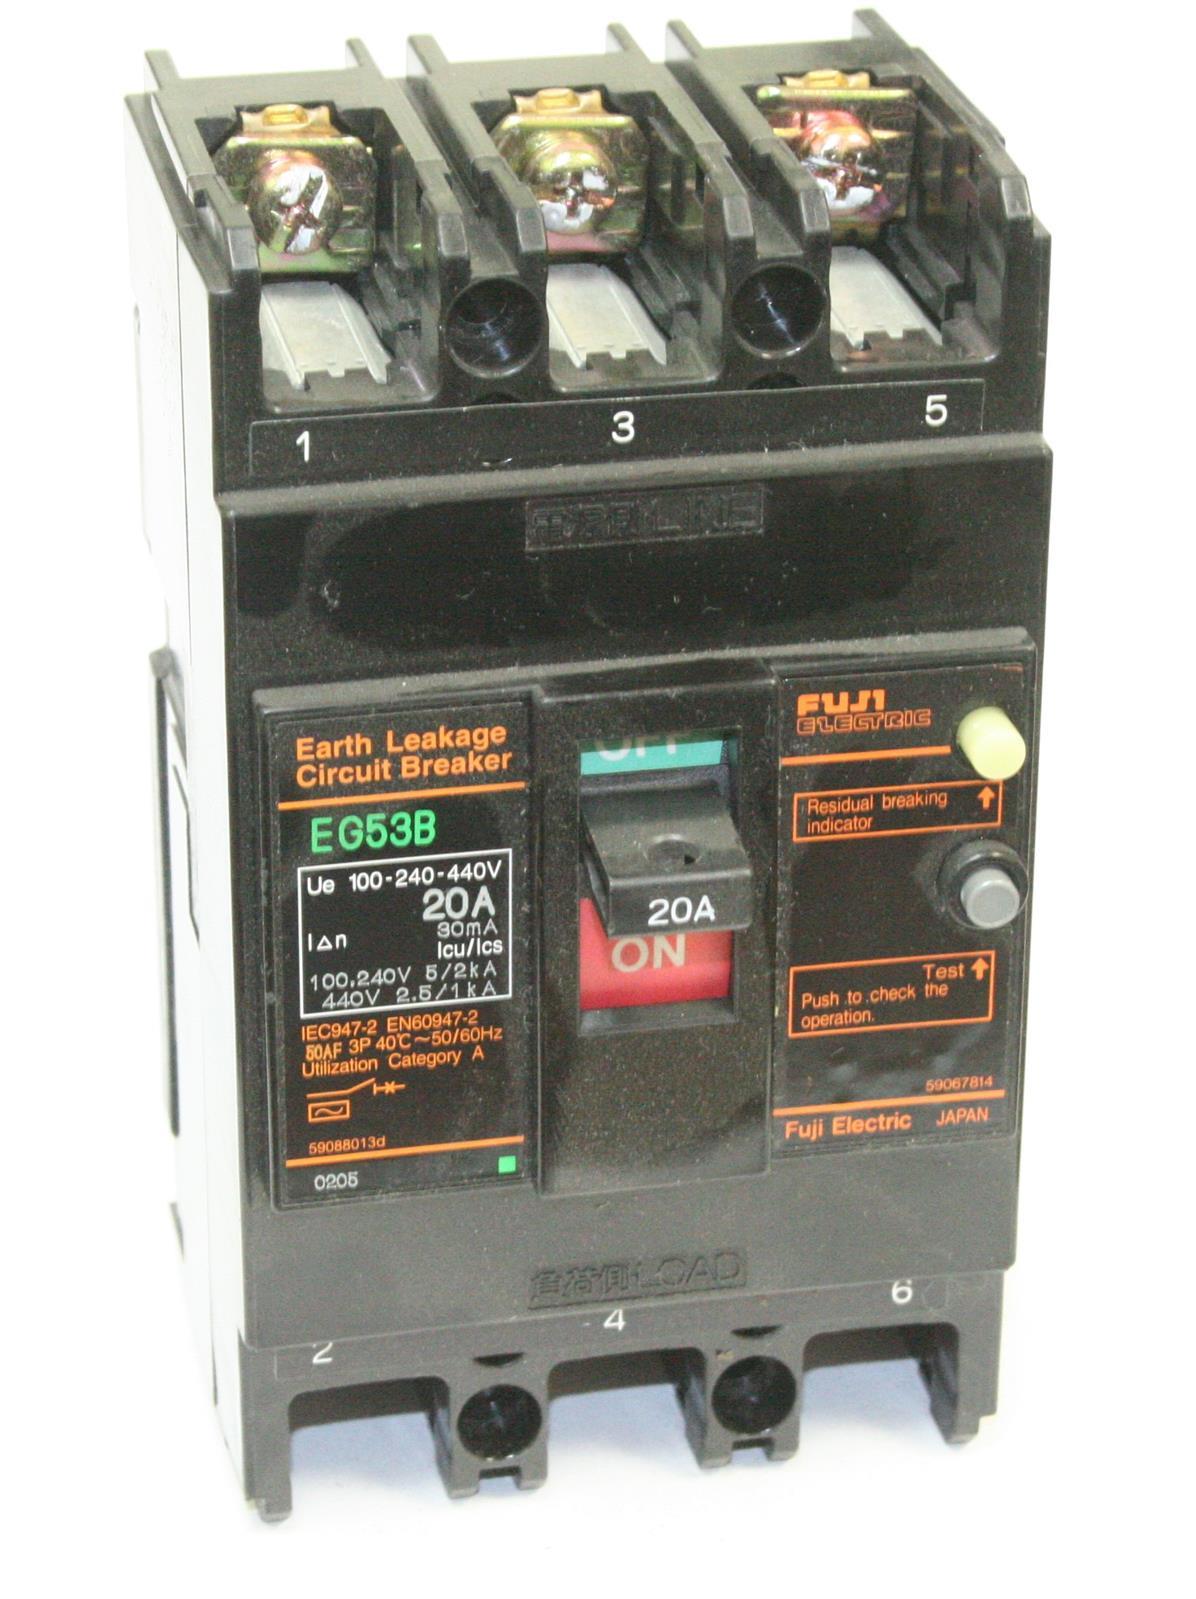 NEW FUJI ELECTRIC EG53B 40A EARTH LEAKAGE CIRCUIT BREAKER